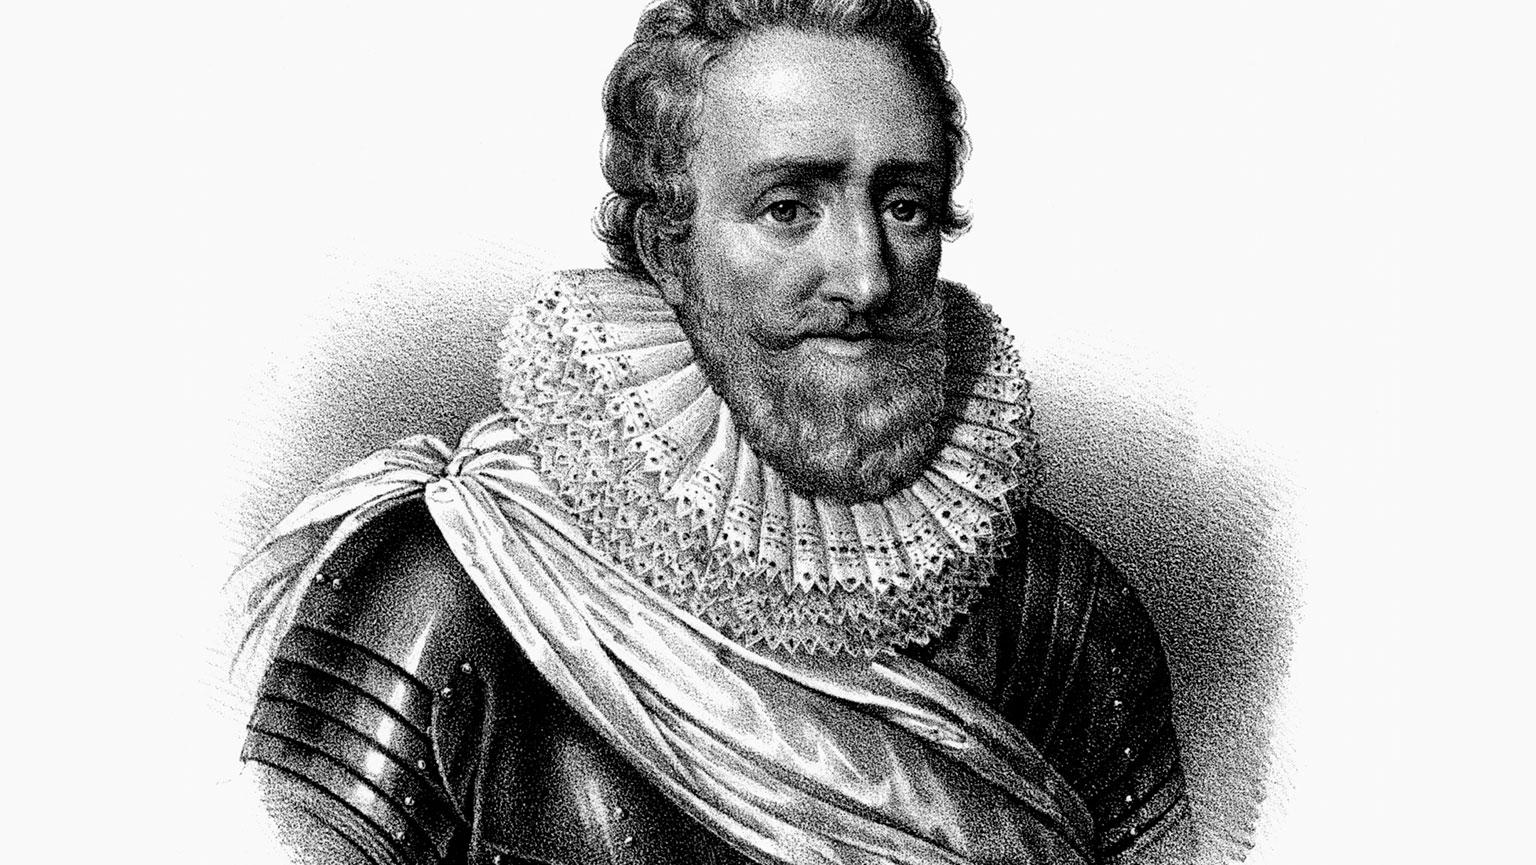 Henry IV—All the King's Men